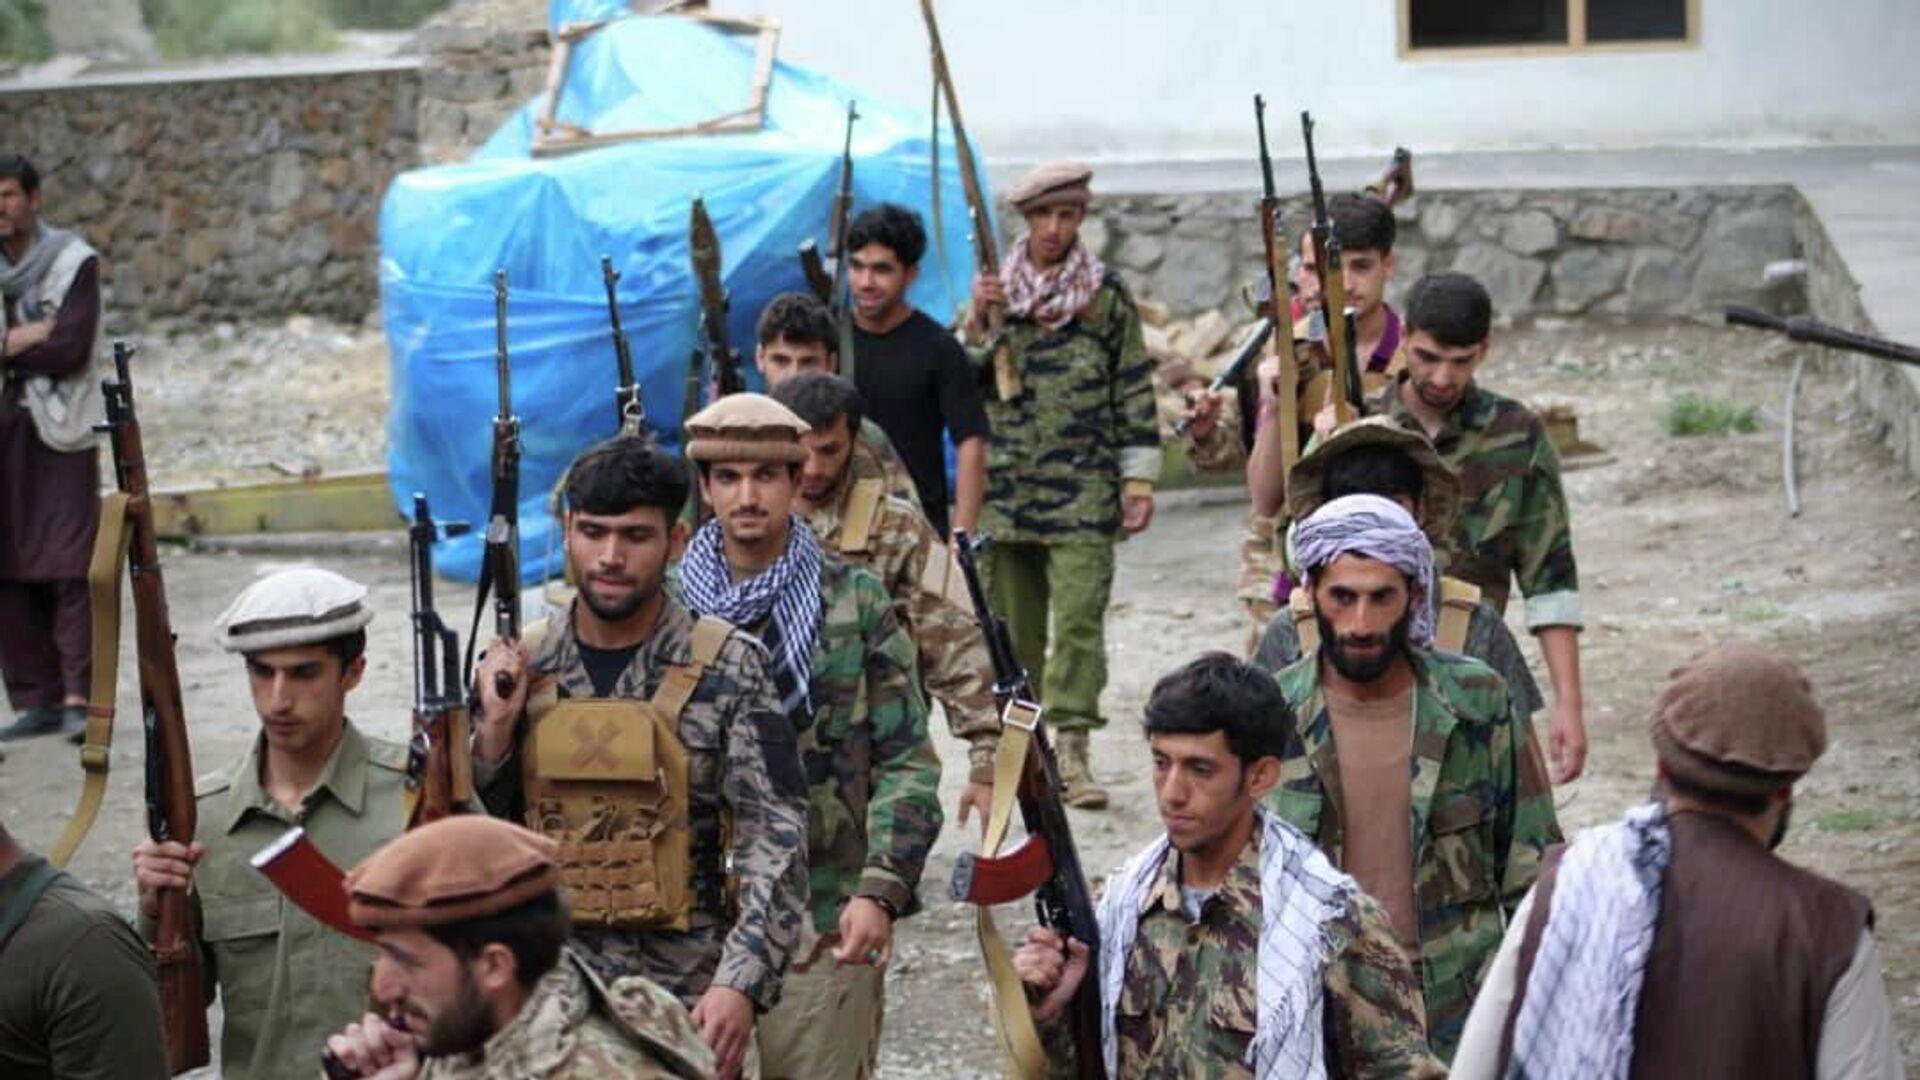 Widerstandskämpfer in der afghanischen Provinz Pandschir - SNA, 1920, 05.09.2021